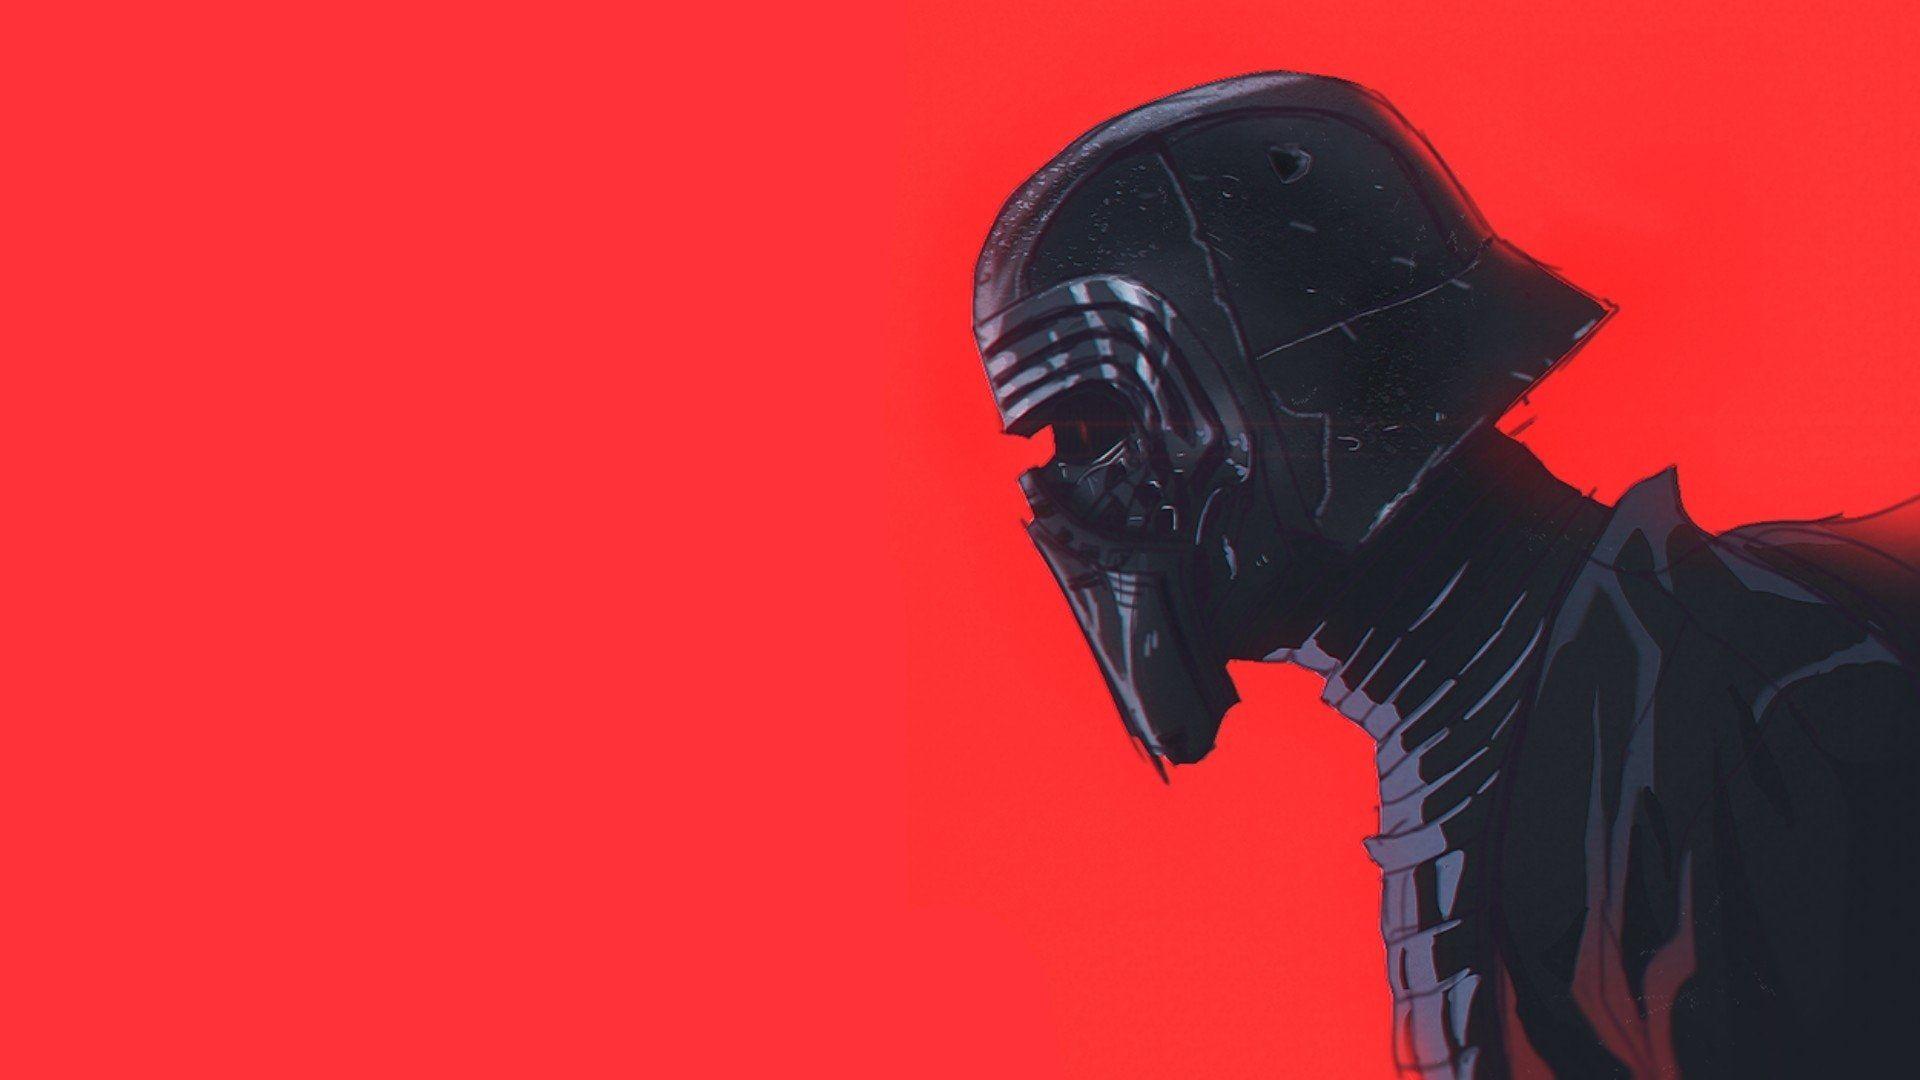 Star Wars Kylo Ren 1080p Wallpaper Hdwallpaper Desktop In 2020 Kylo Ren Wallpaper Star Wars Wallpaper Background Hd Wallpaper